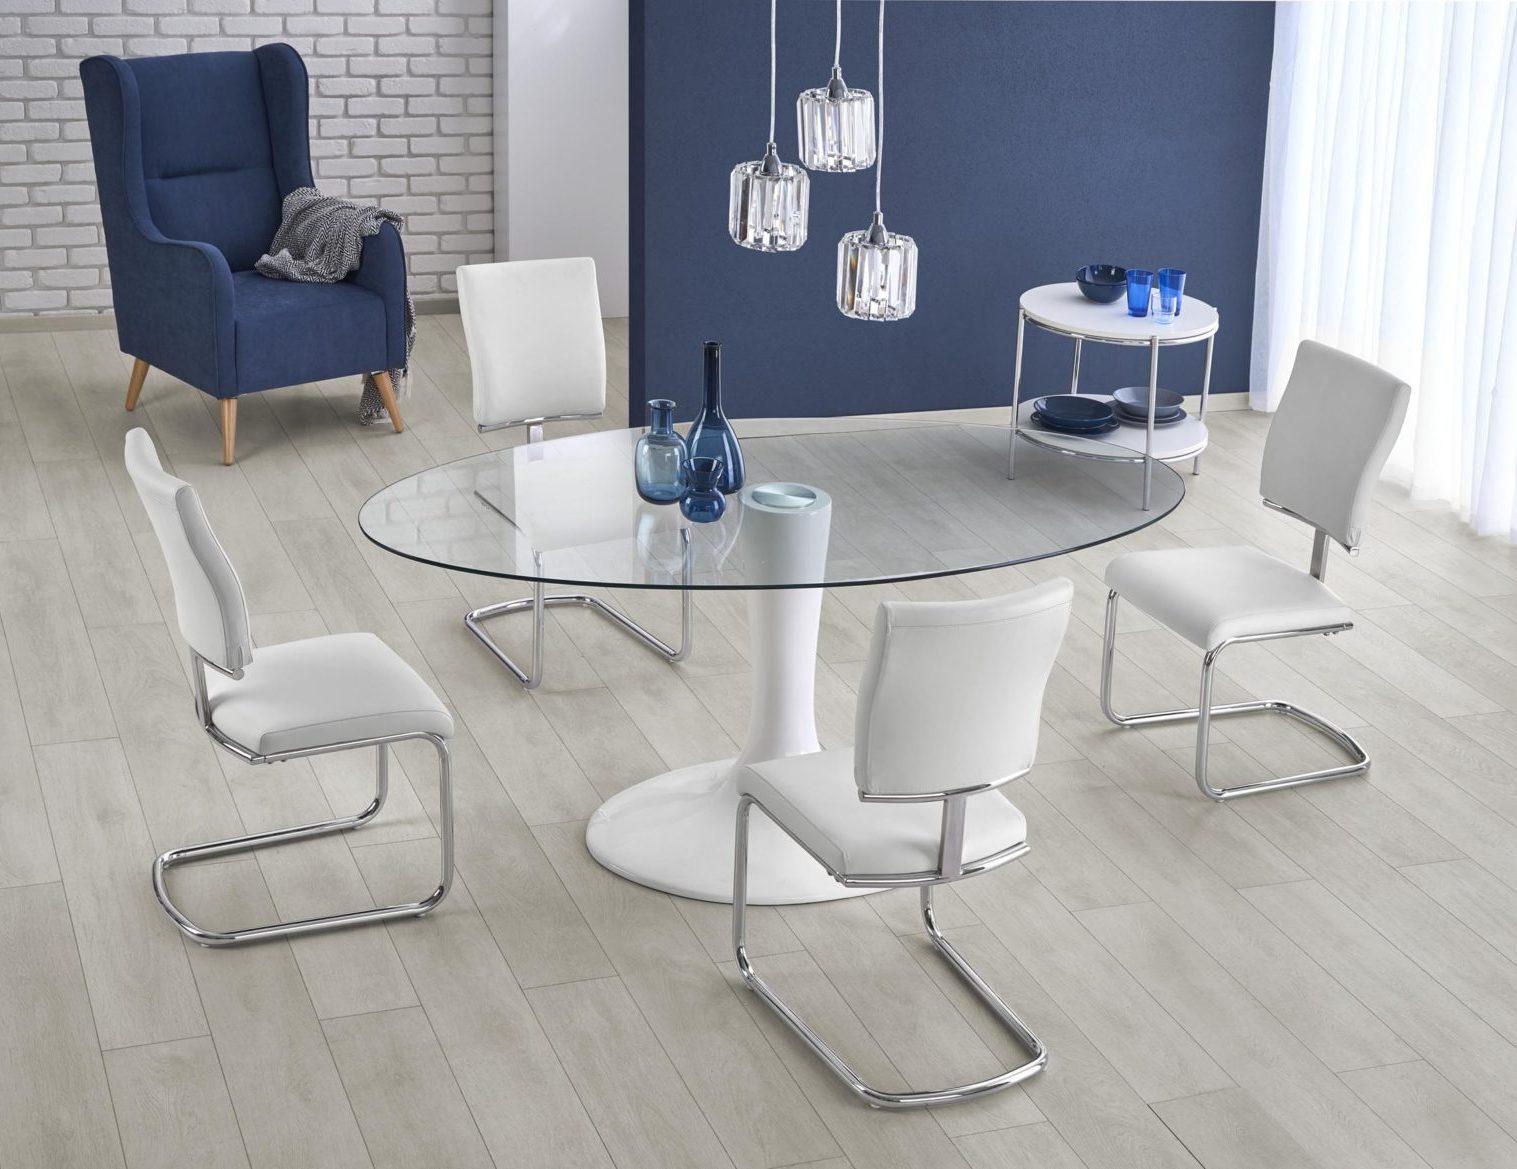 Stol Ze Szklanym Blatem I Krzesla Na Metalowych Plozach W Jadalni Z